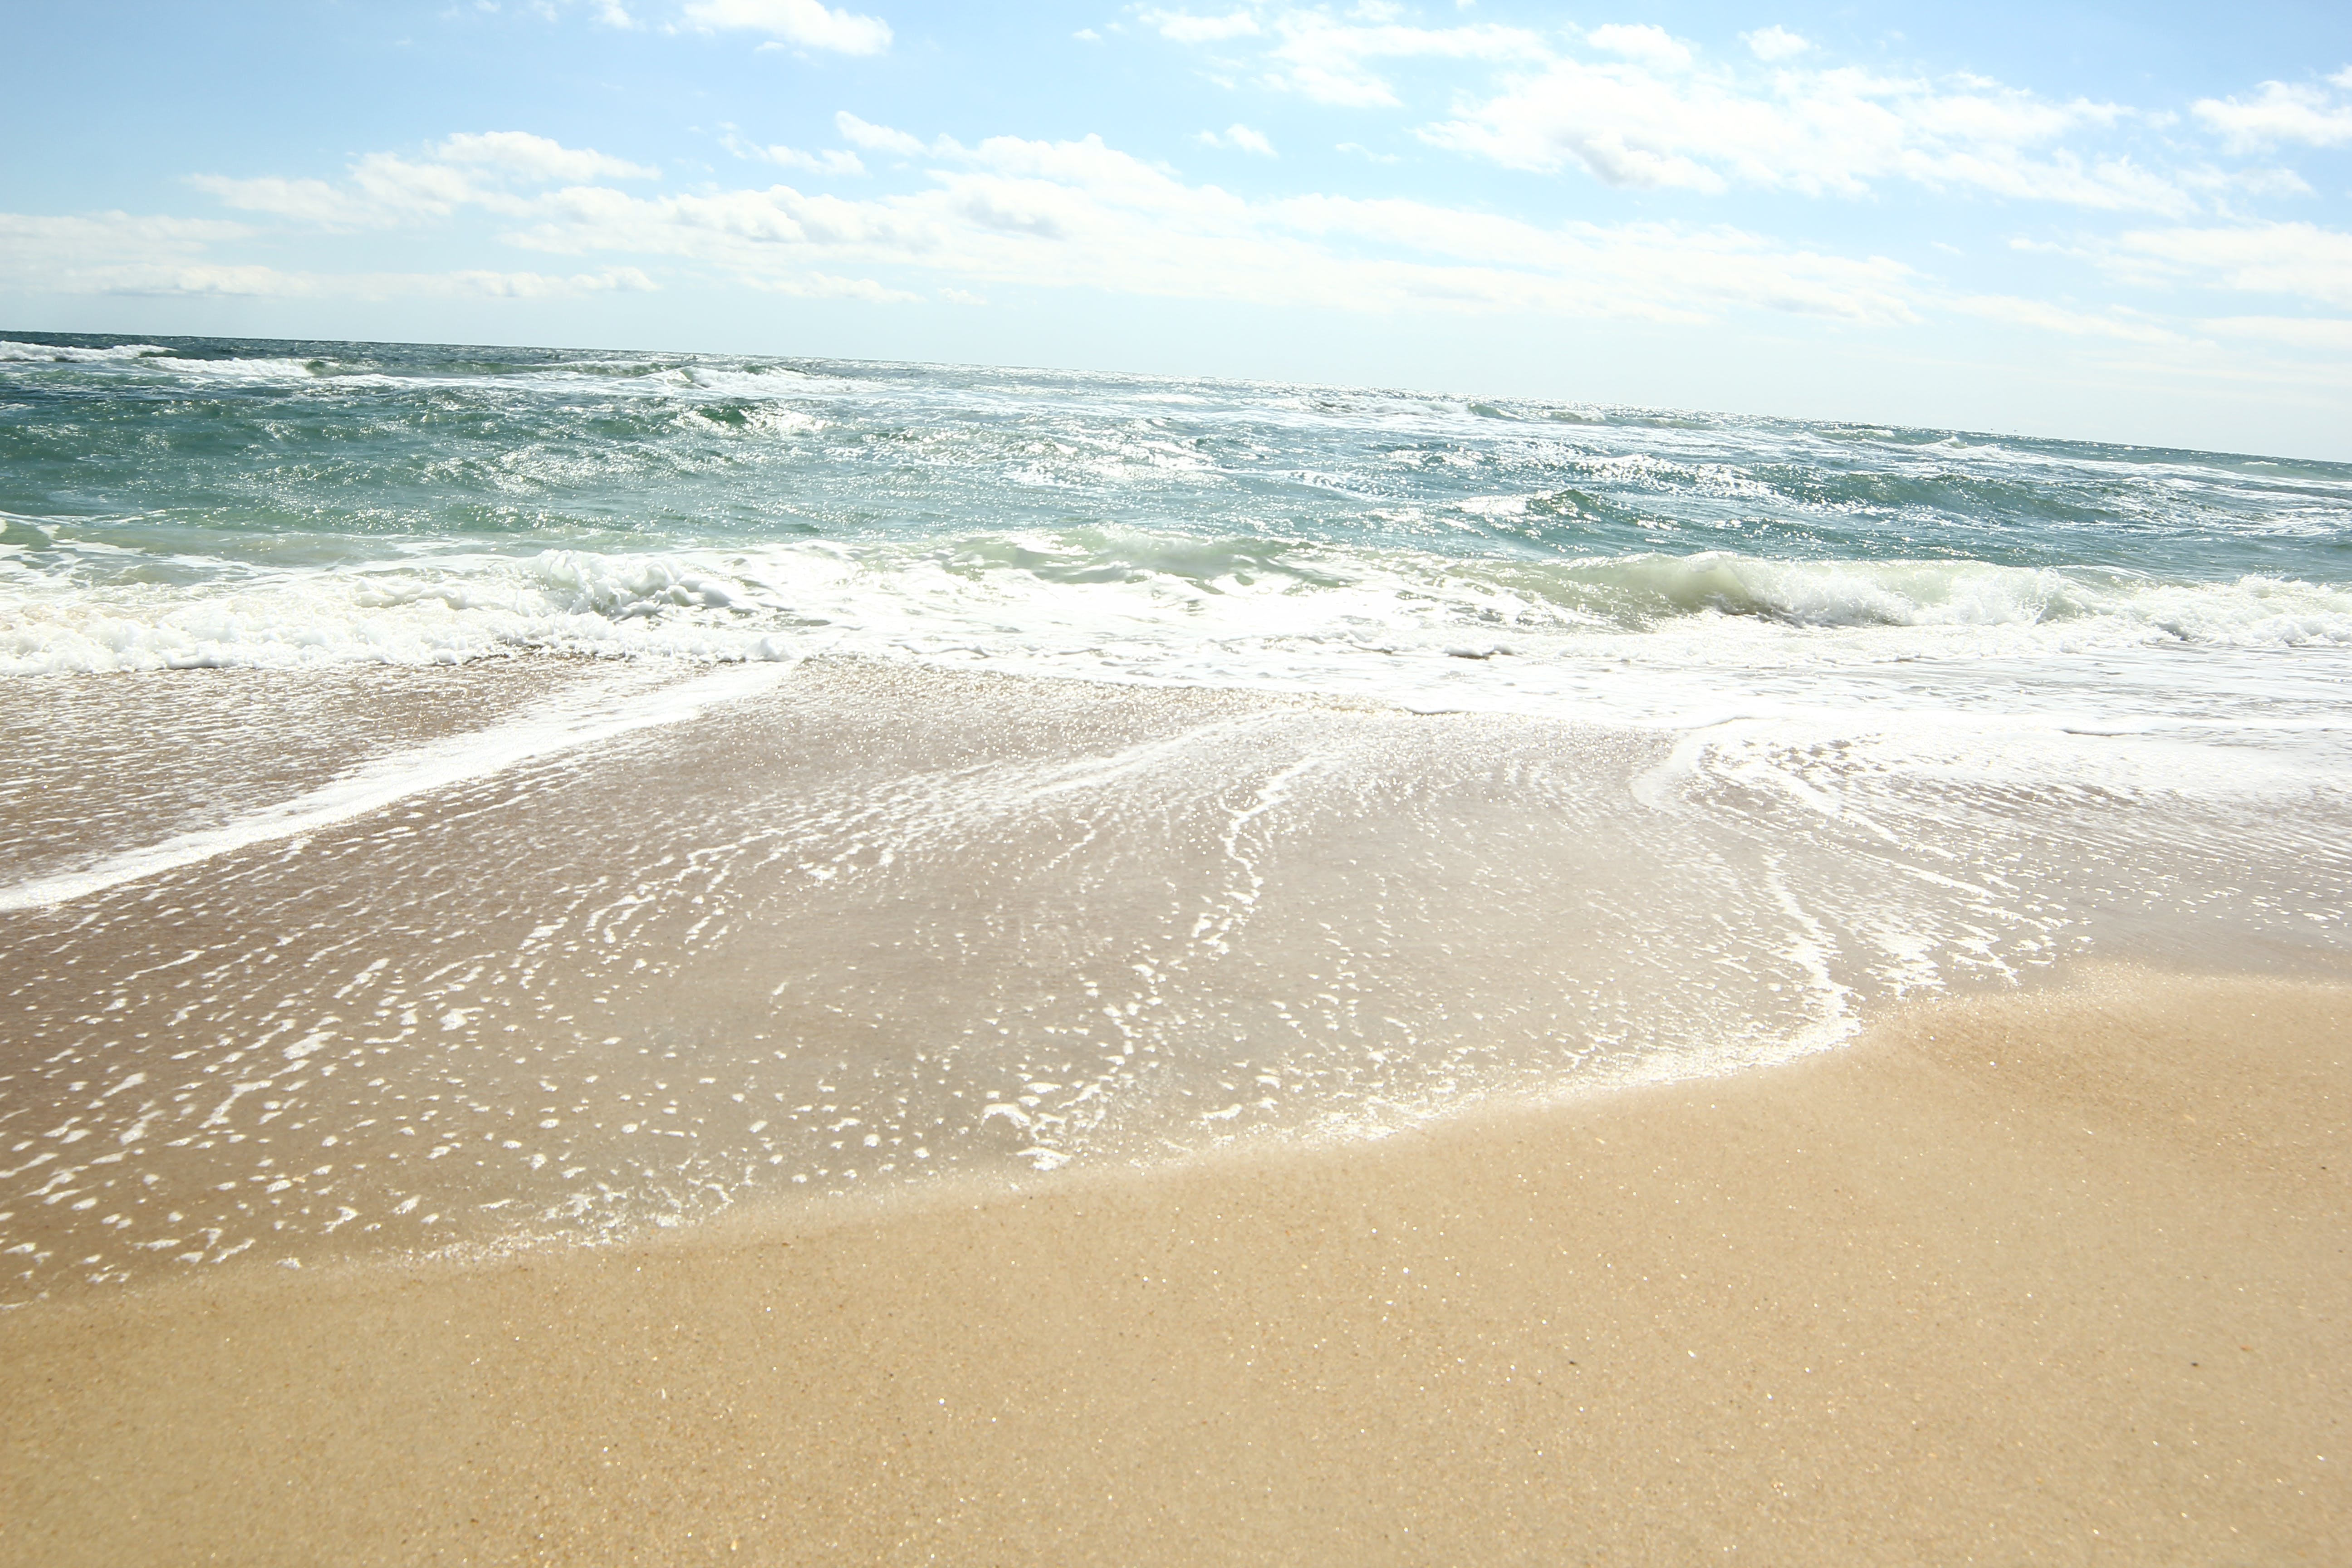 ノースカロライナ州, ビーチ, 夏, 大西洋のの無料の写真素材